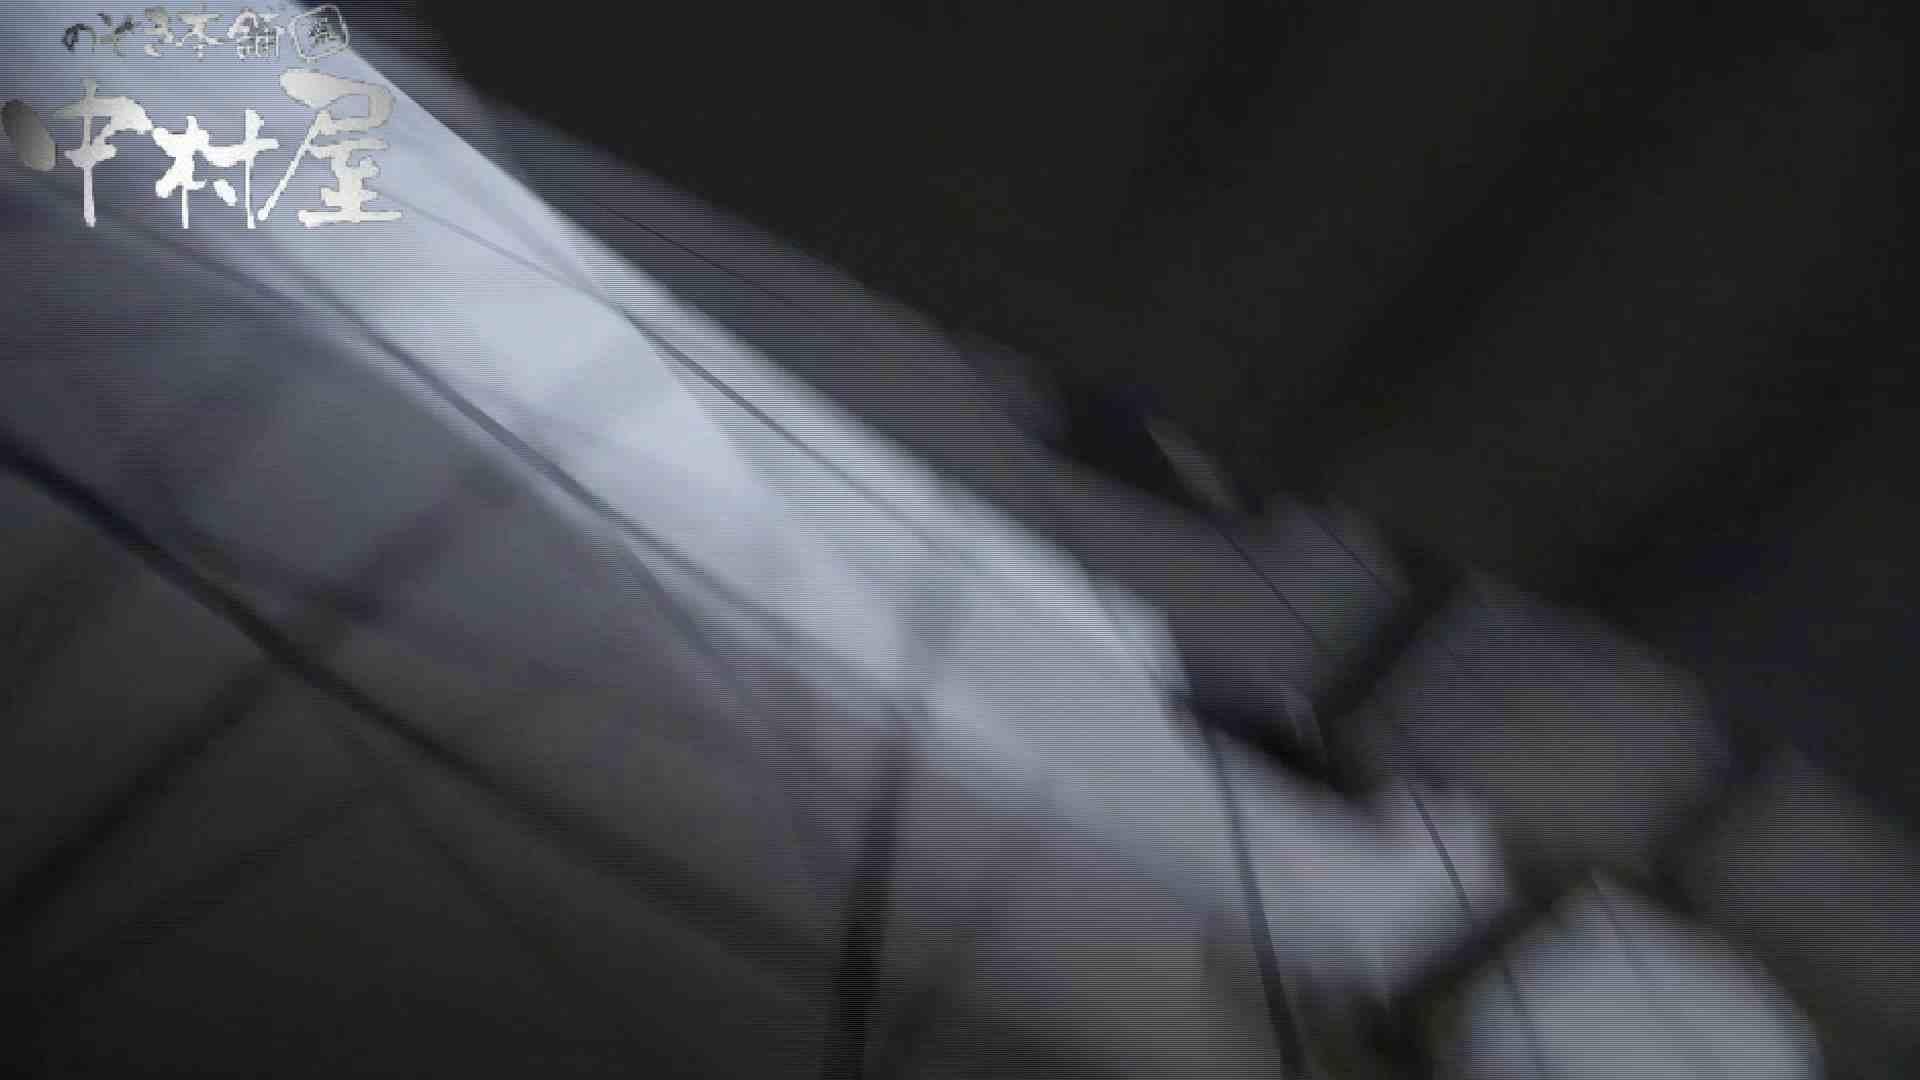 【美しい日本の未来】美しい日本の未来 No.41 反射を利用して、斬新な絶景が開かれた!! エロいOL   女子トイレ  73枚